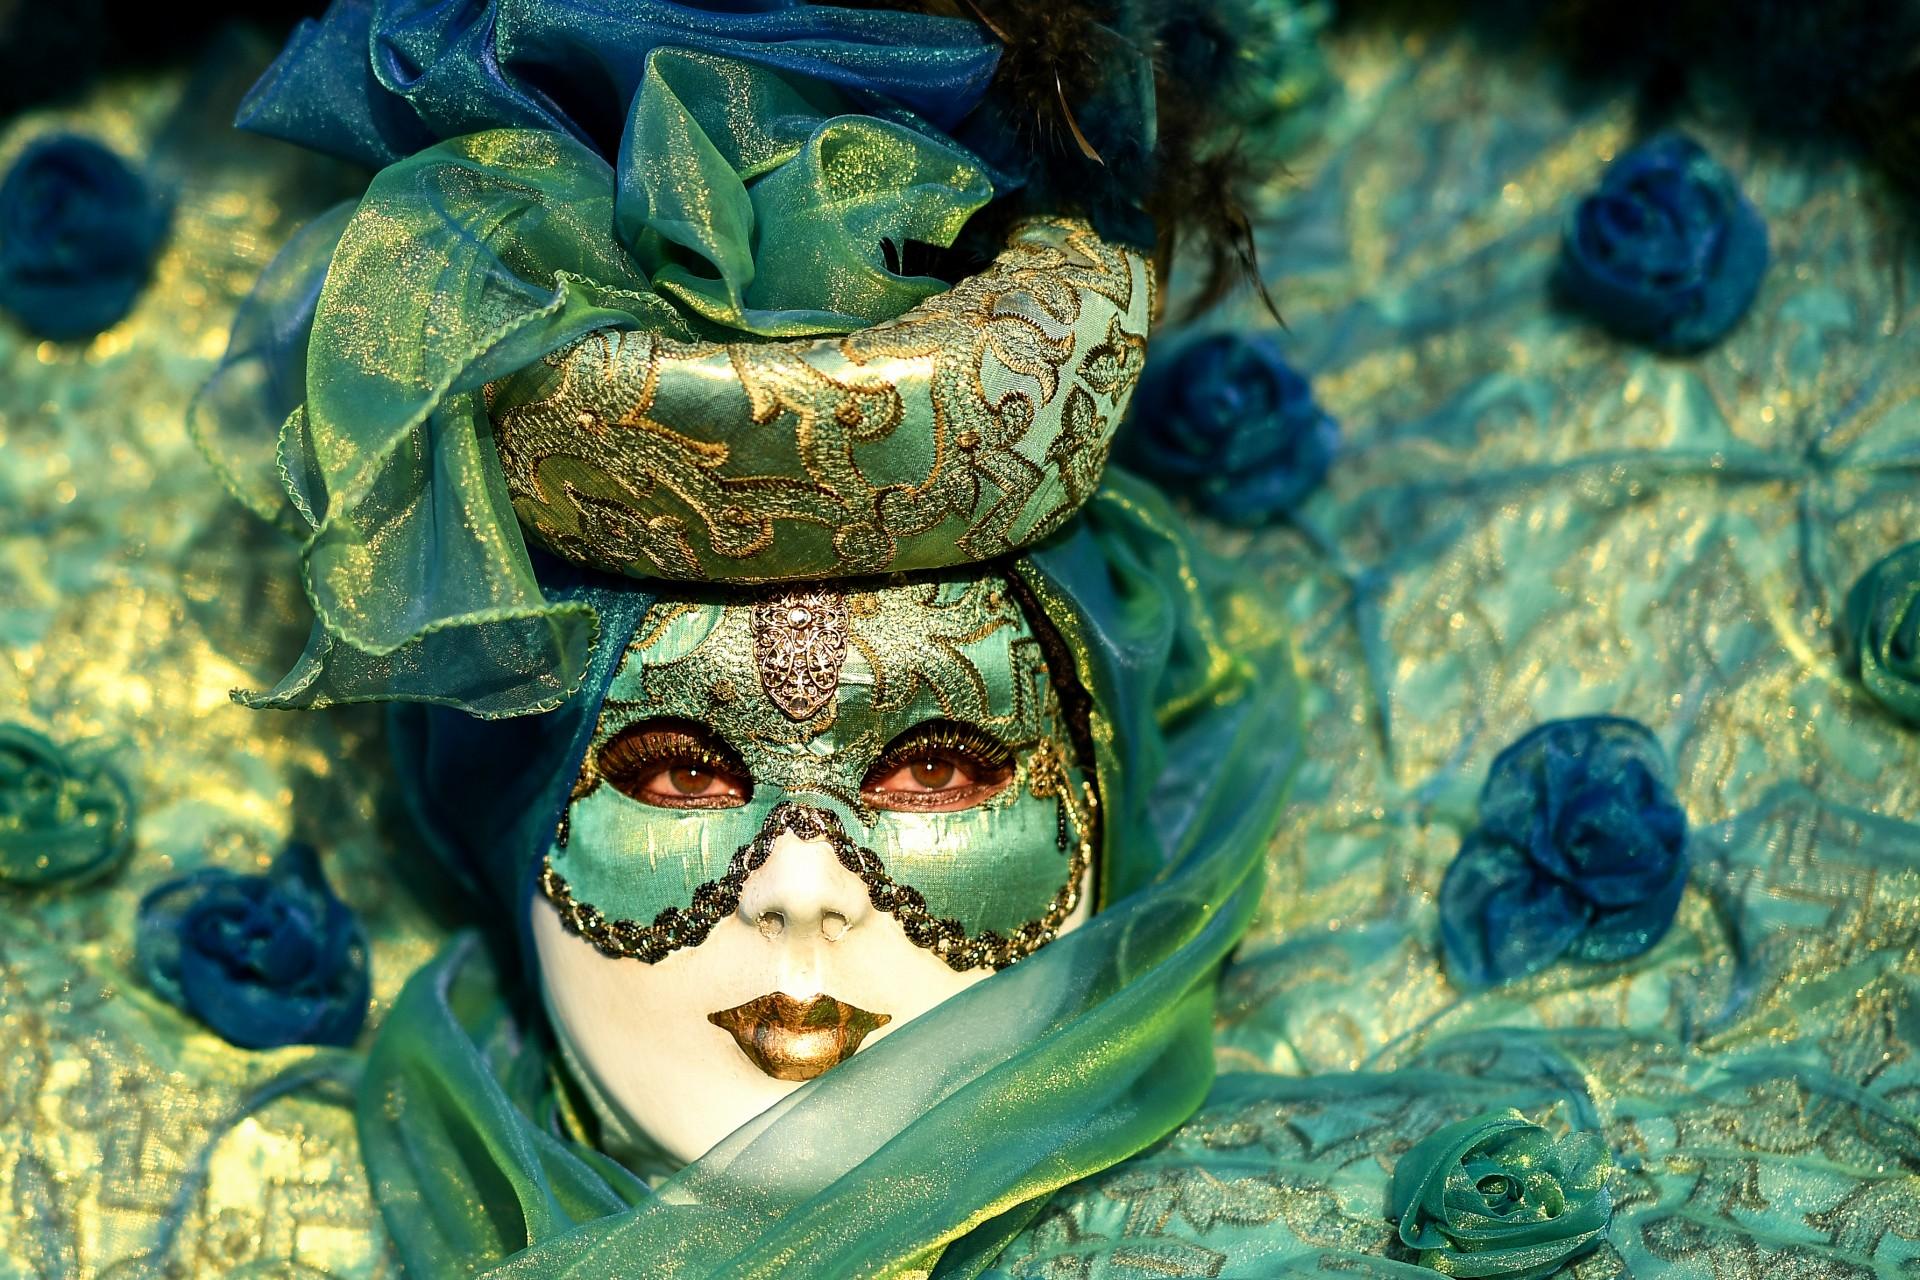 Un juerguista con máscara y un traje de época participa en el Carnaval de Venecia el 24 de febrero de 2019 en Venecia.